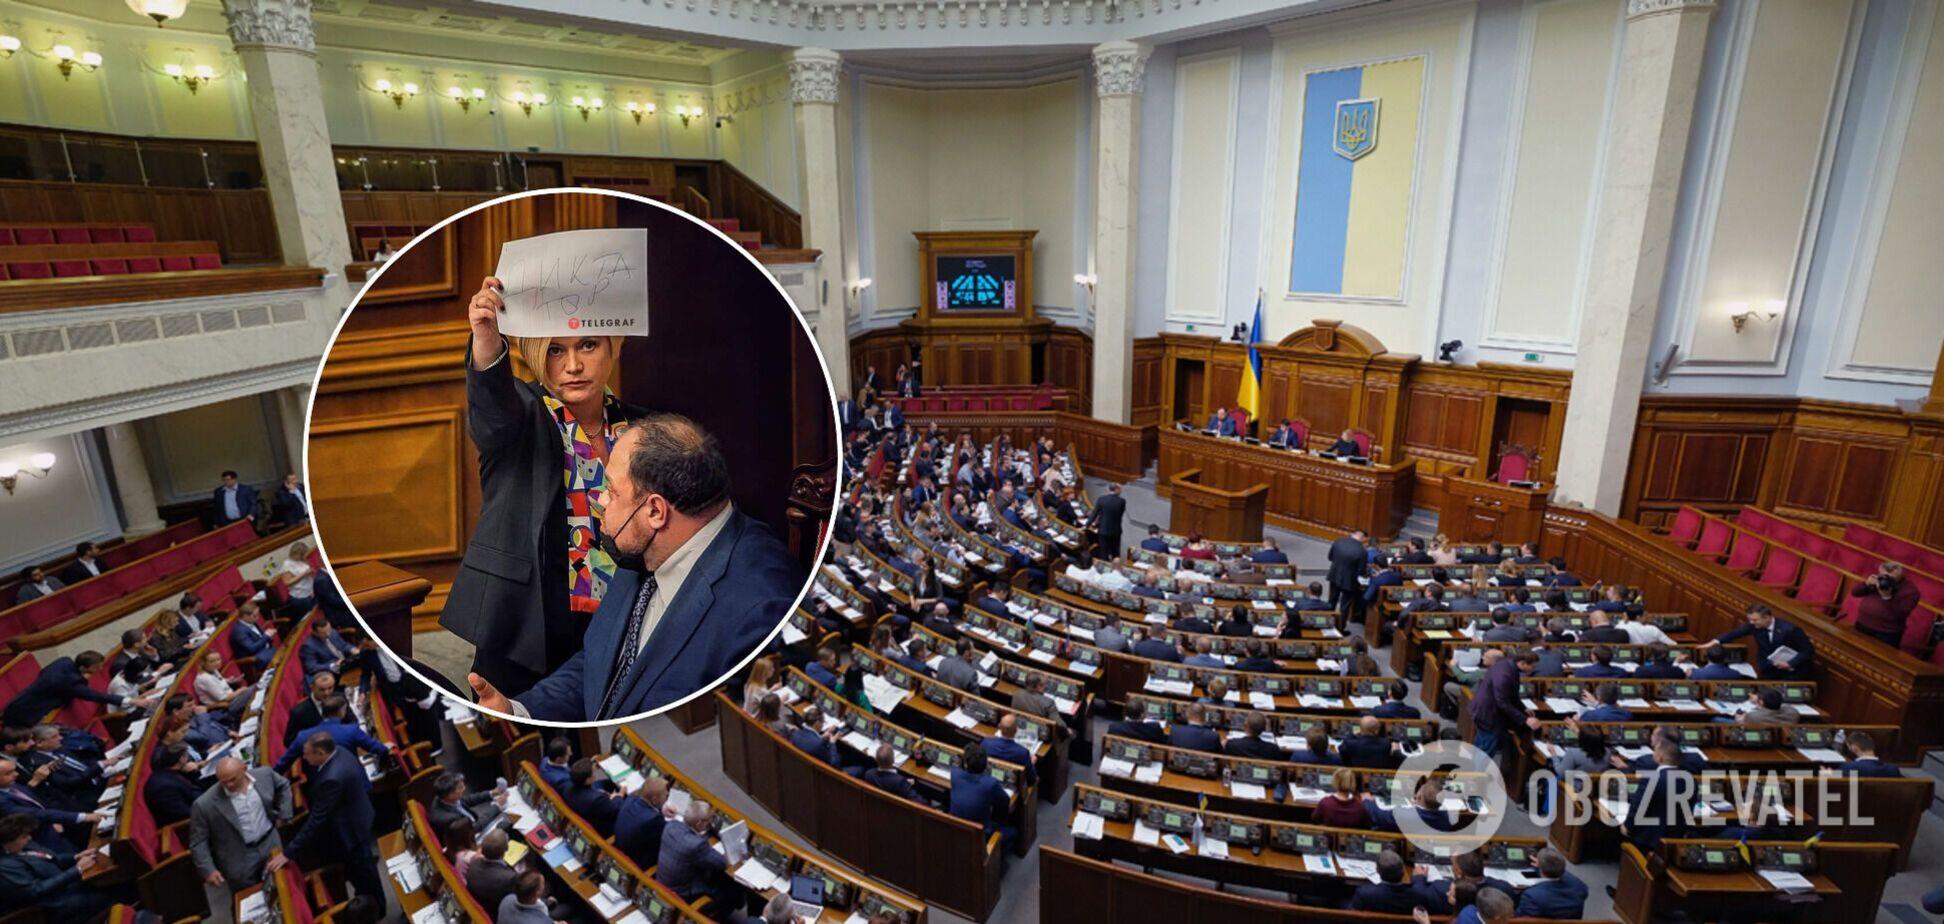 Власть в Украине идет путем Путина и Лукашенко, – Геращенко